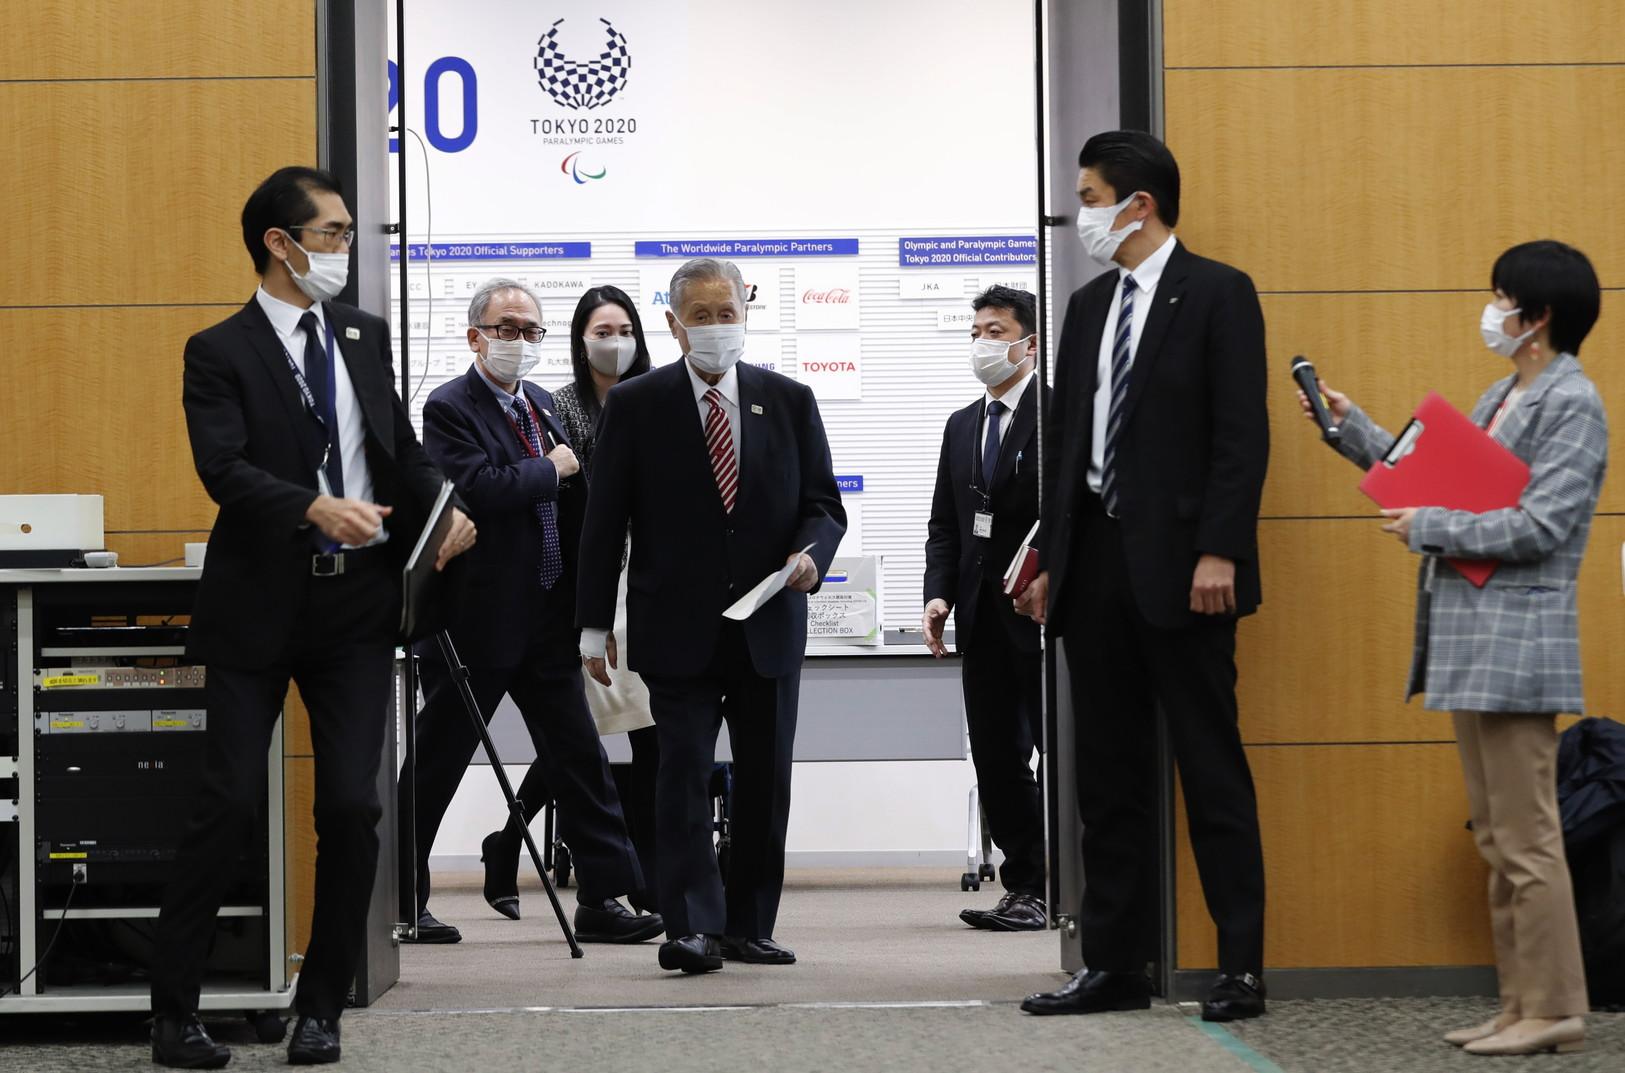 """Tokyo 2020, bufera sul presidente del comitato organizzatore """"Le donne parlano troppo"""""""